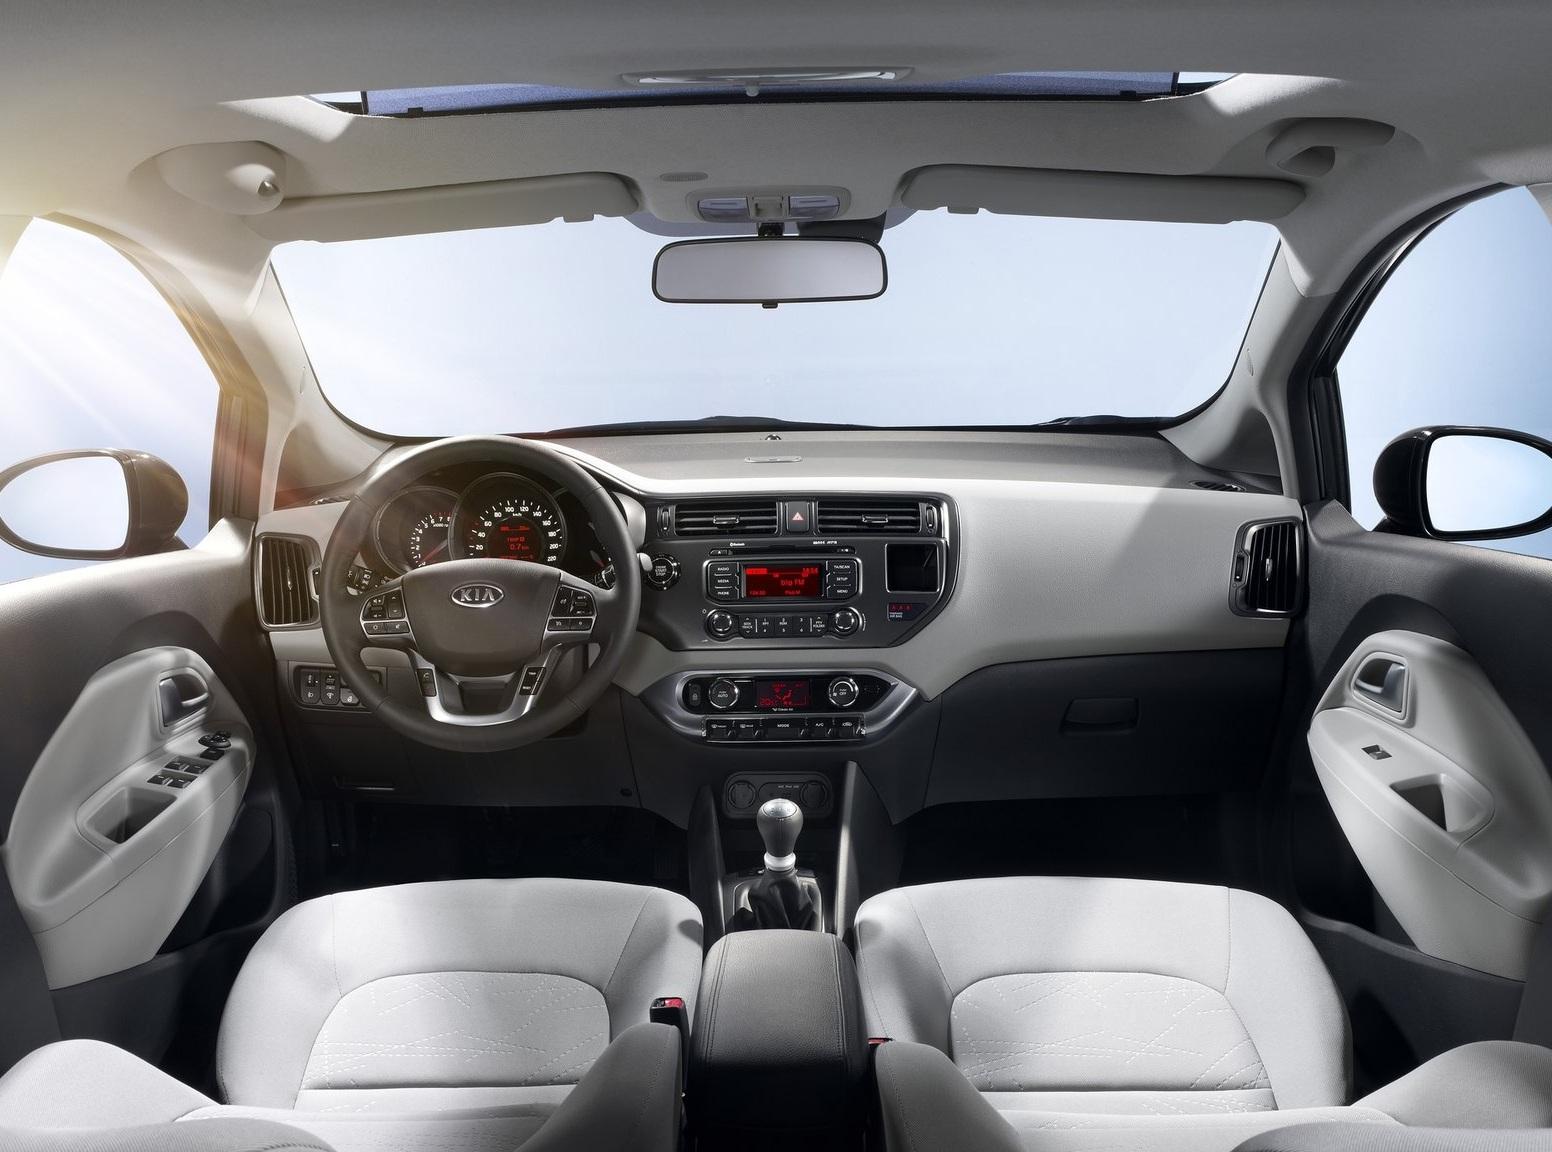 Kia Rio Lx Sedan Angular Rear furthermore Kia Morning Interior furthermore Kia Rio Mainfeature also  as well . on 2013 kia rio lx hatchback